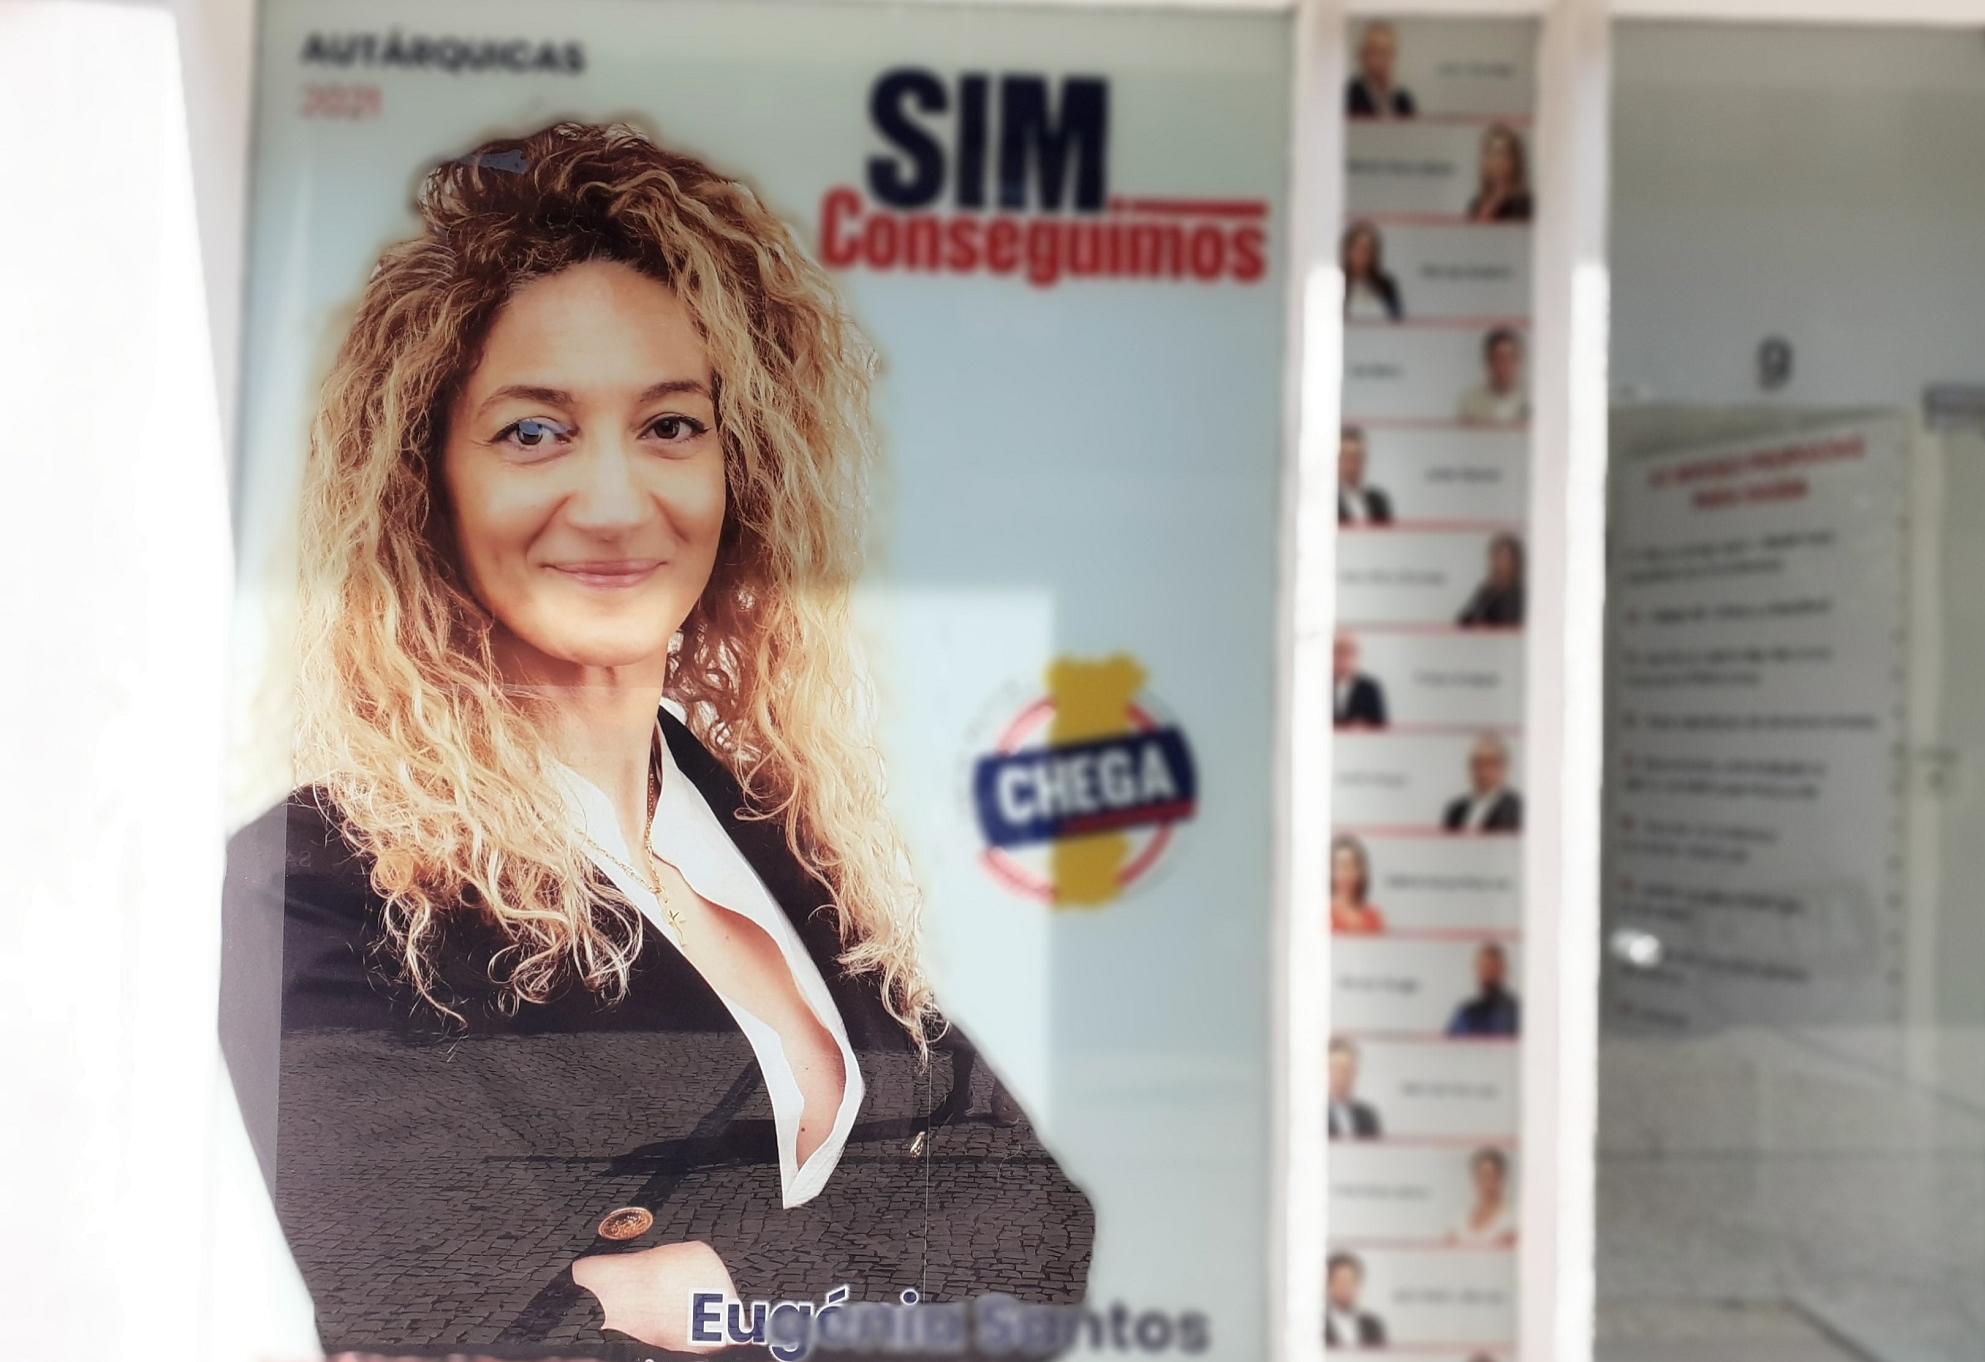 Autárquicas. Candidata do Chega quer auditoria interna à Câmara de Braga